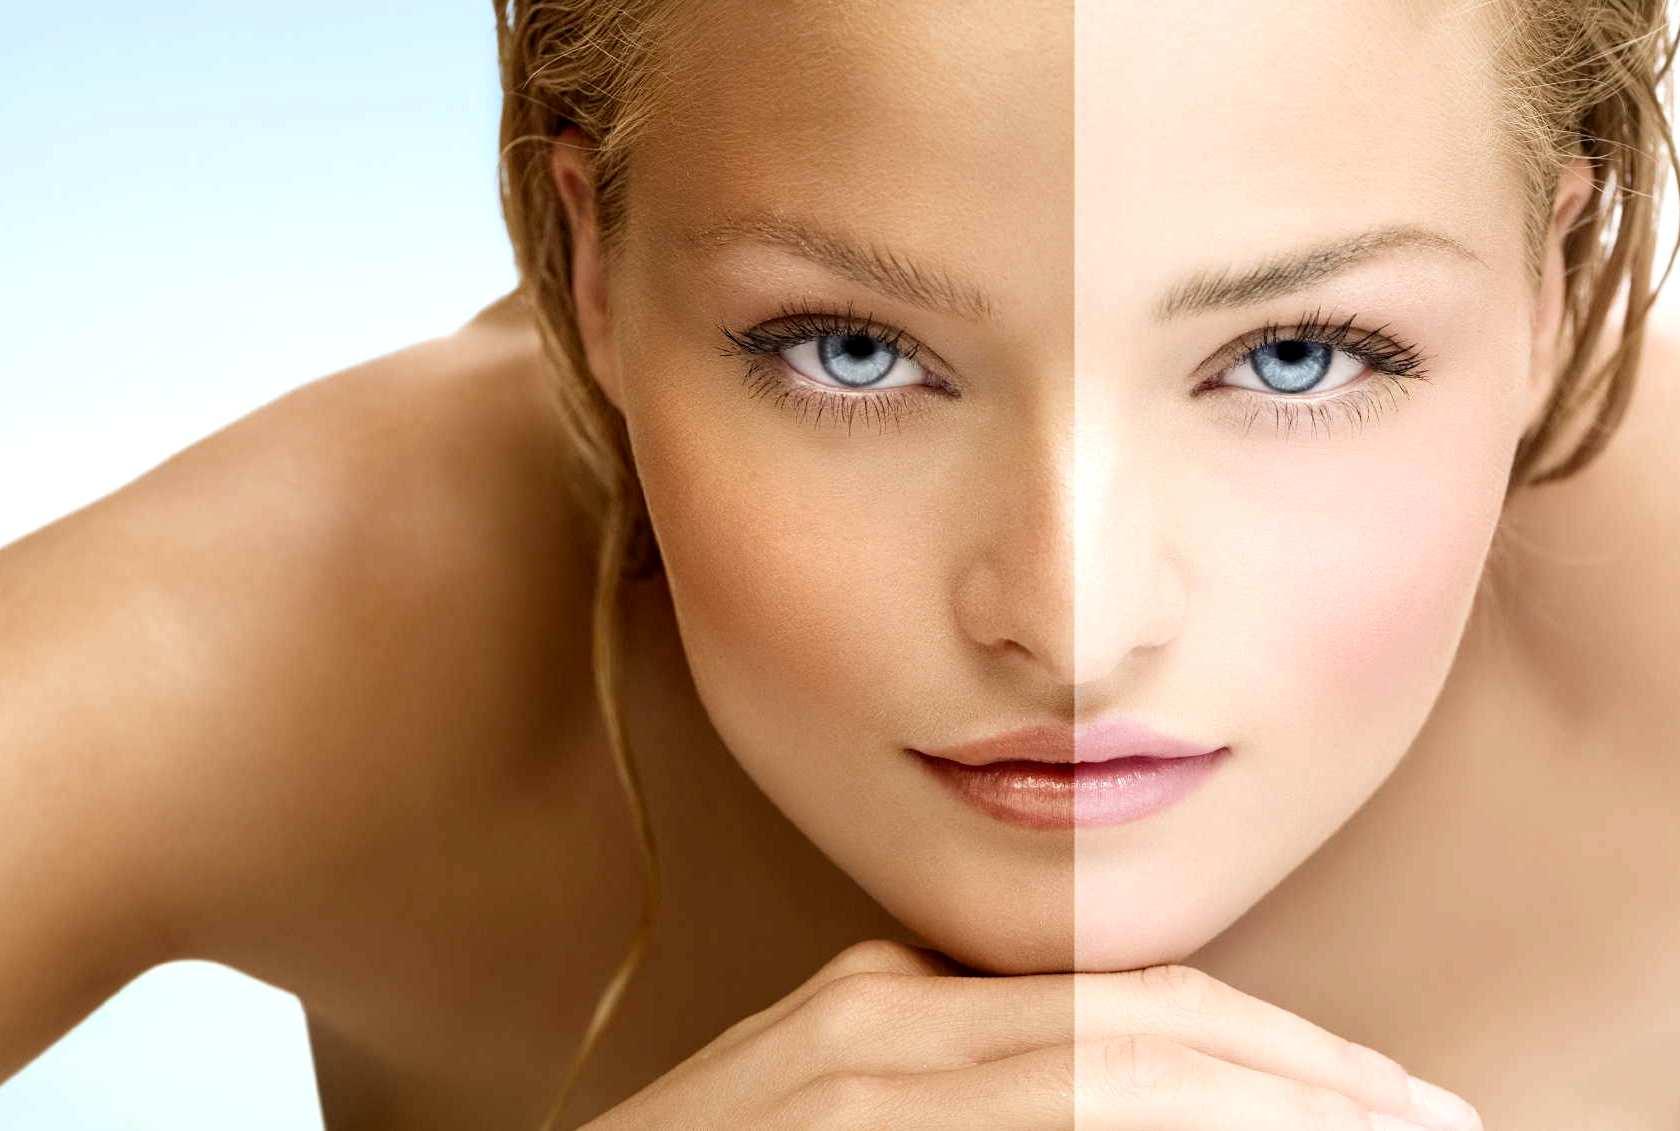 Ученые признали, что отбеливание кожи опасно для здоровья